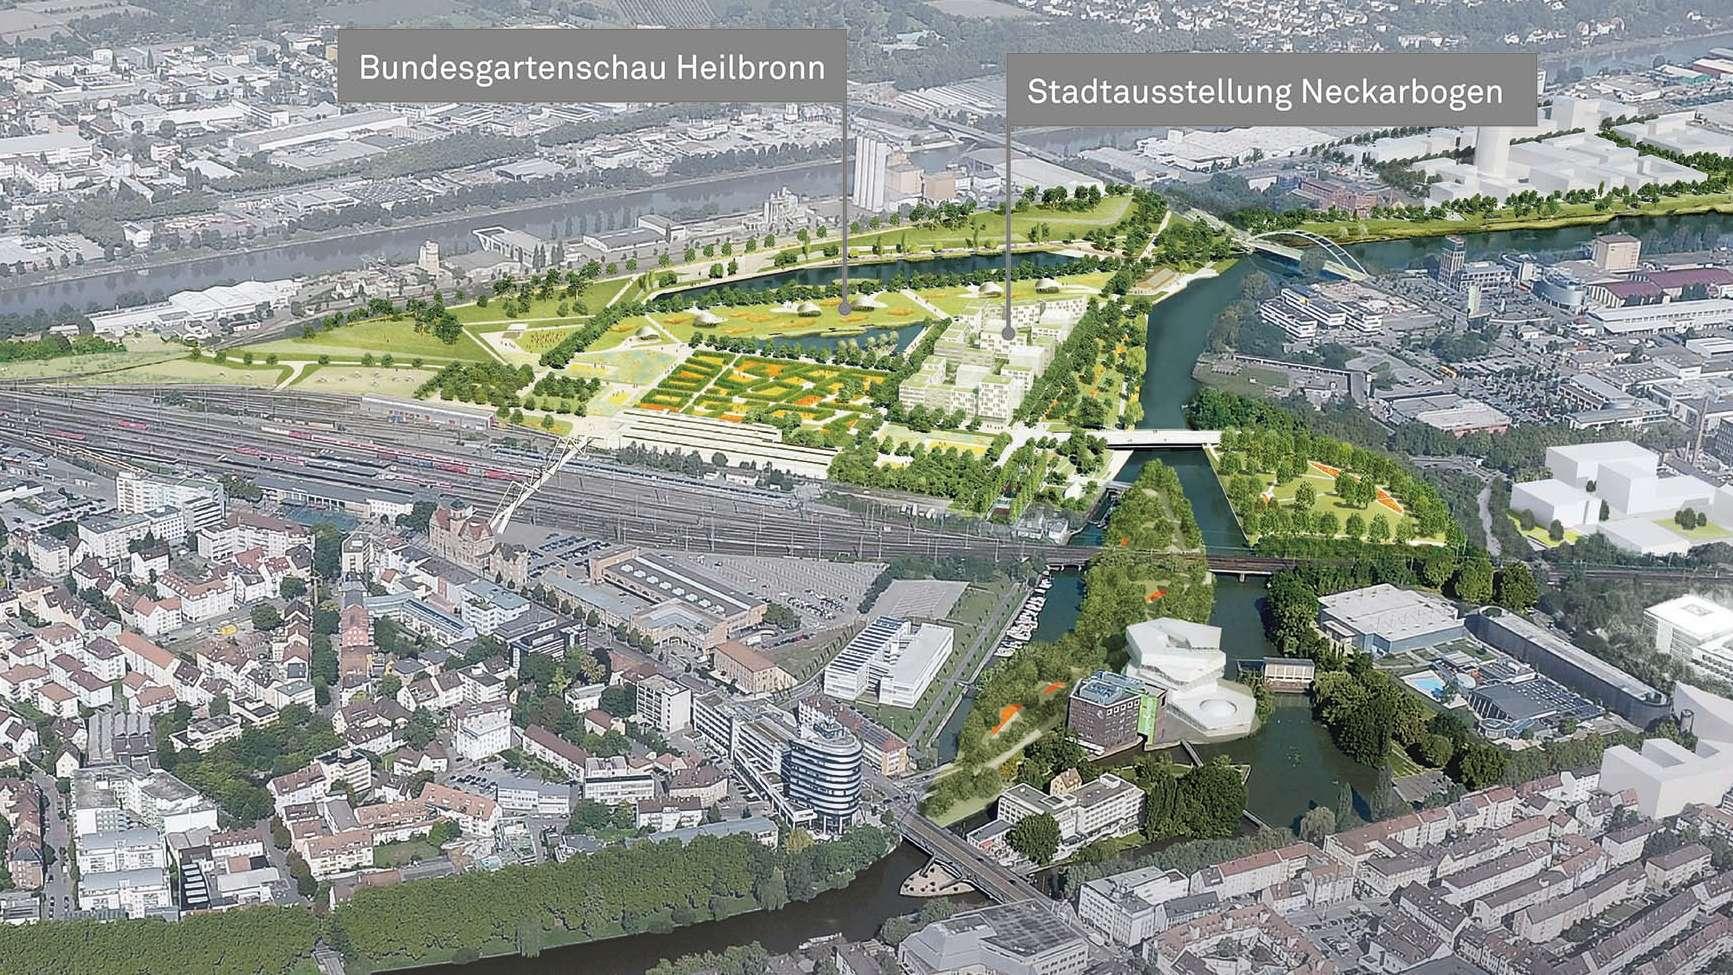 Bundesgartenschau Heilbronn